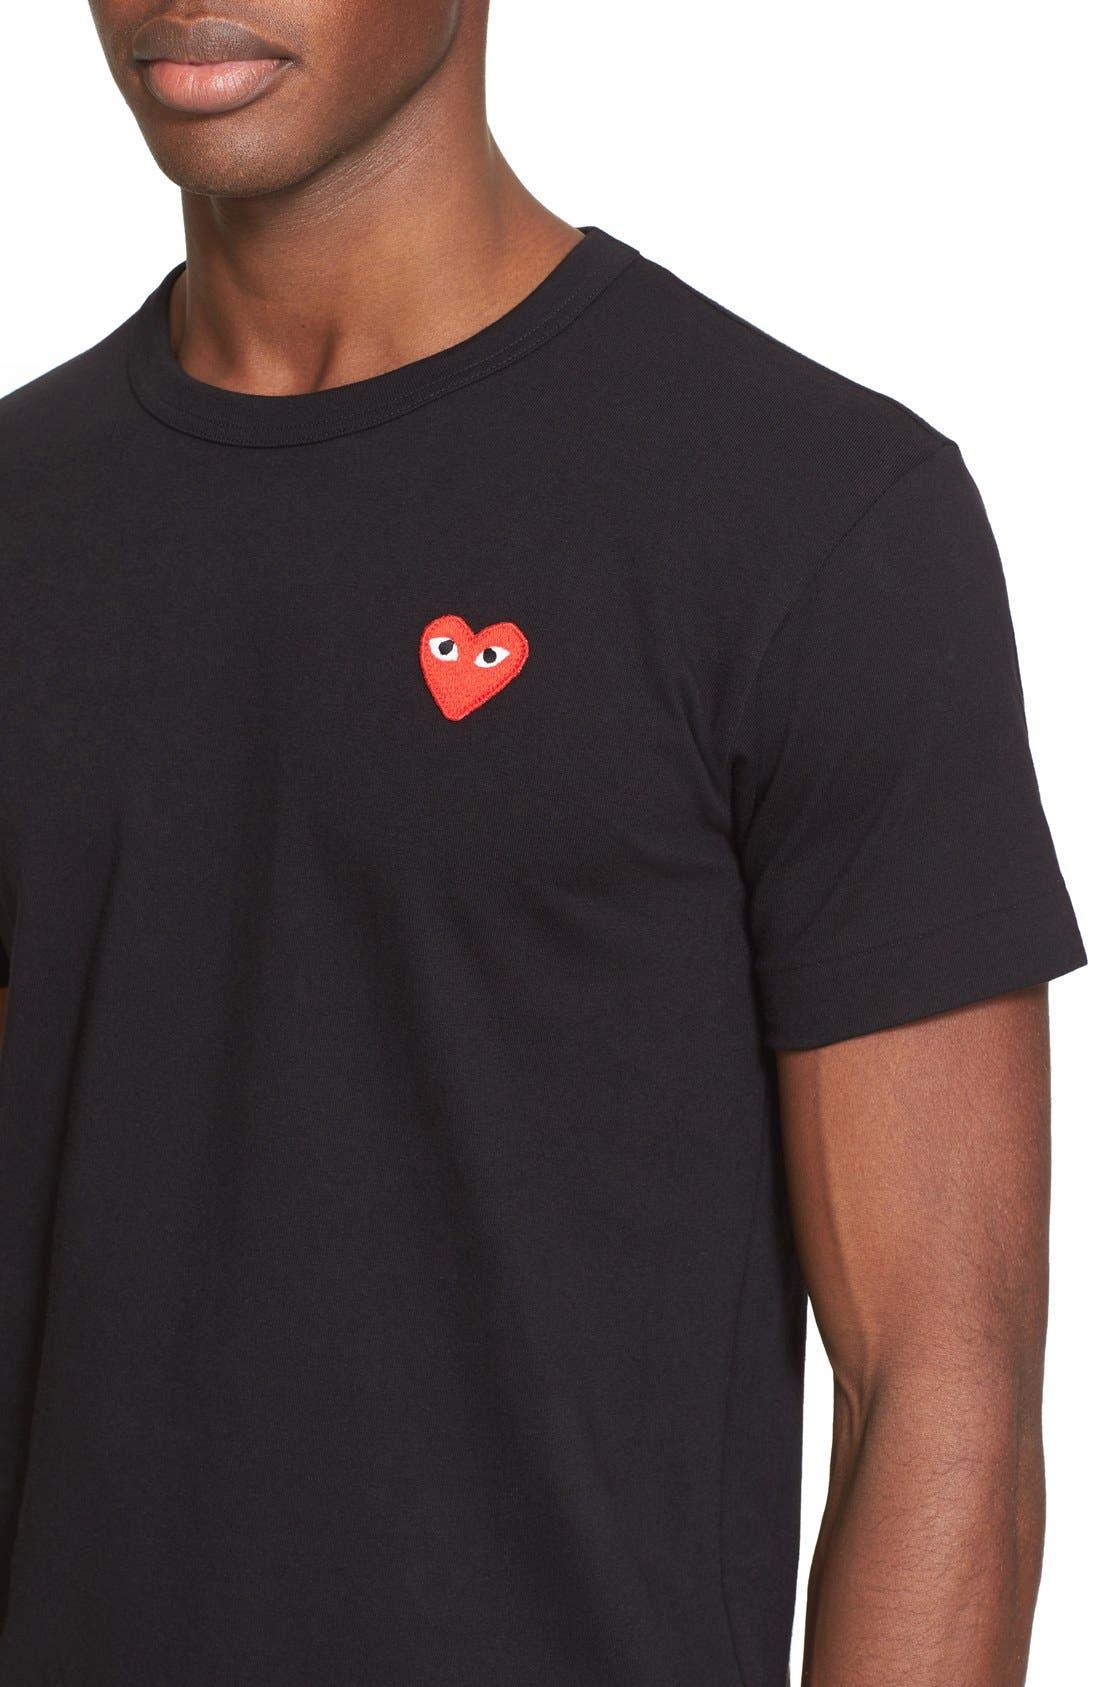 Comme des Garçons PLAY Cotton Jersey Crewneck T-Shirt,                             Alternate thumbnail 4, color,                             Black